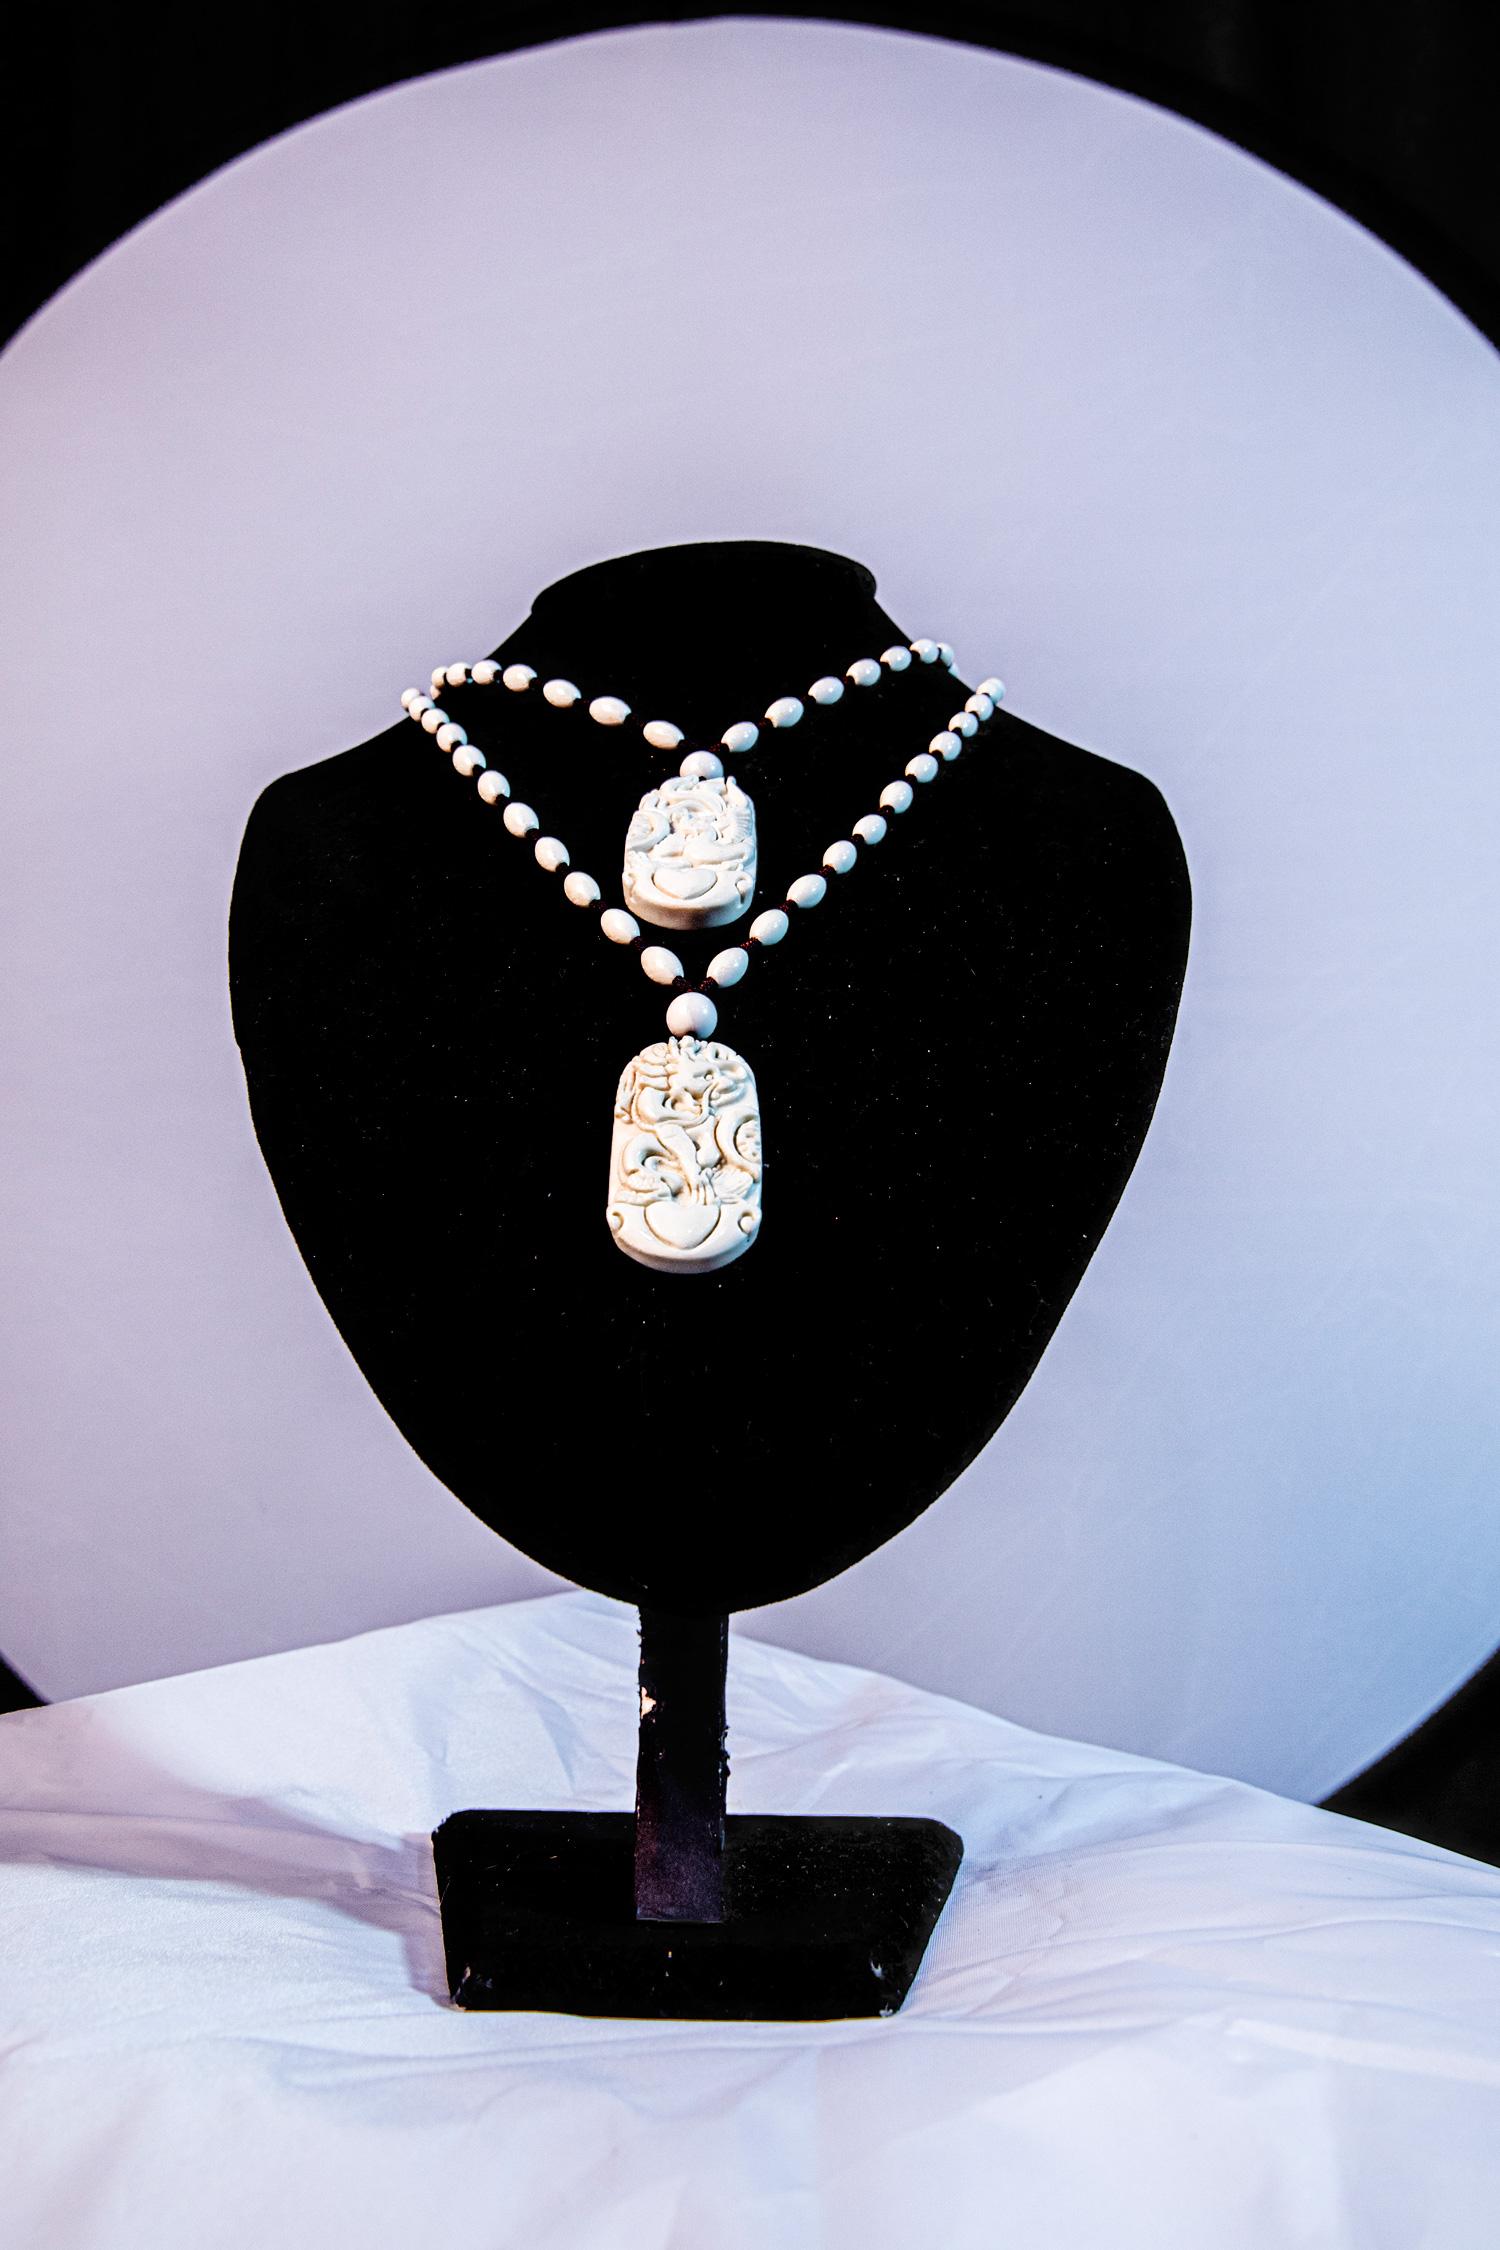 象牙玉丁青特产玉石项链纯天然情侣吊坠龙凤图案定情信物玉器